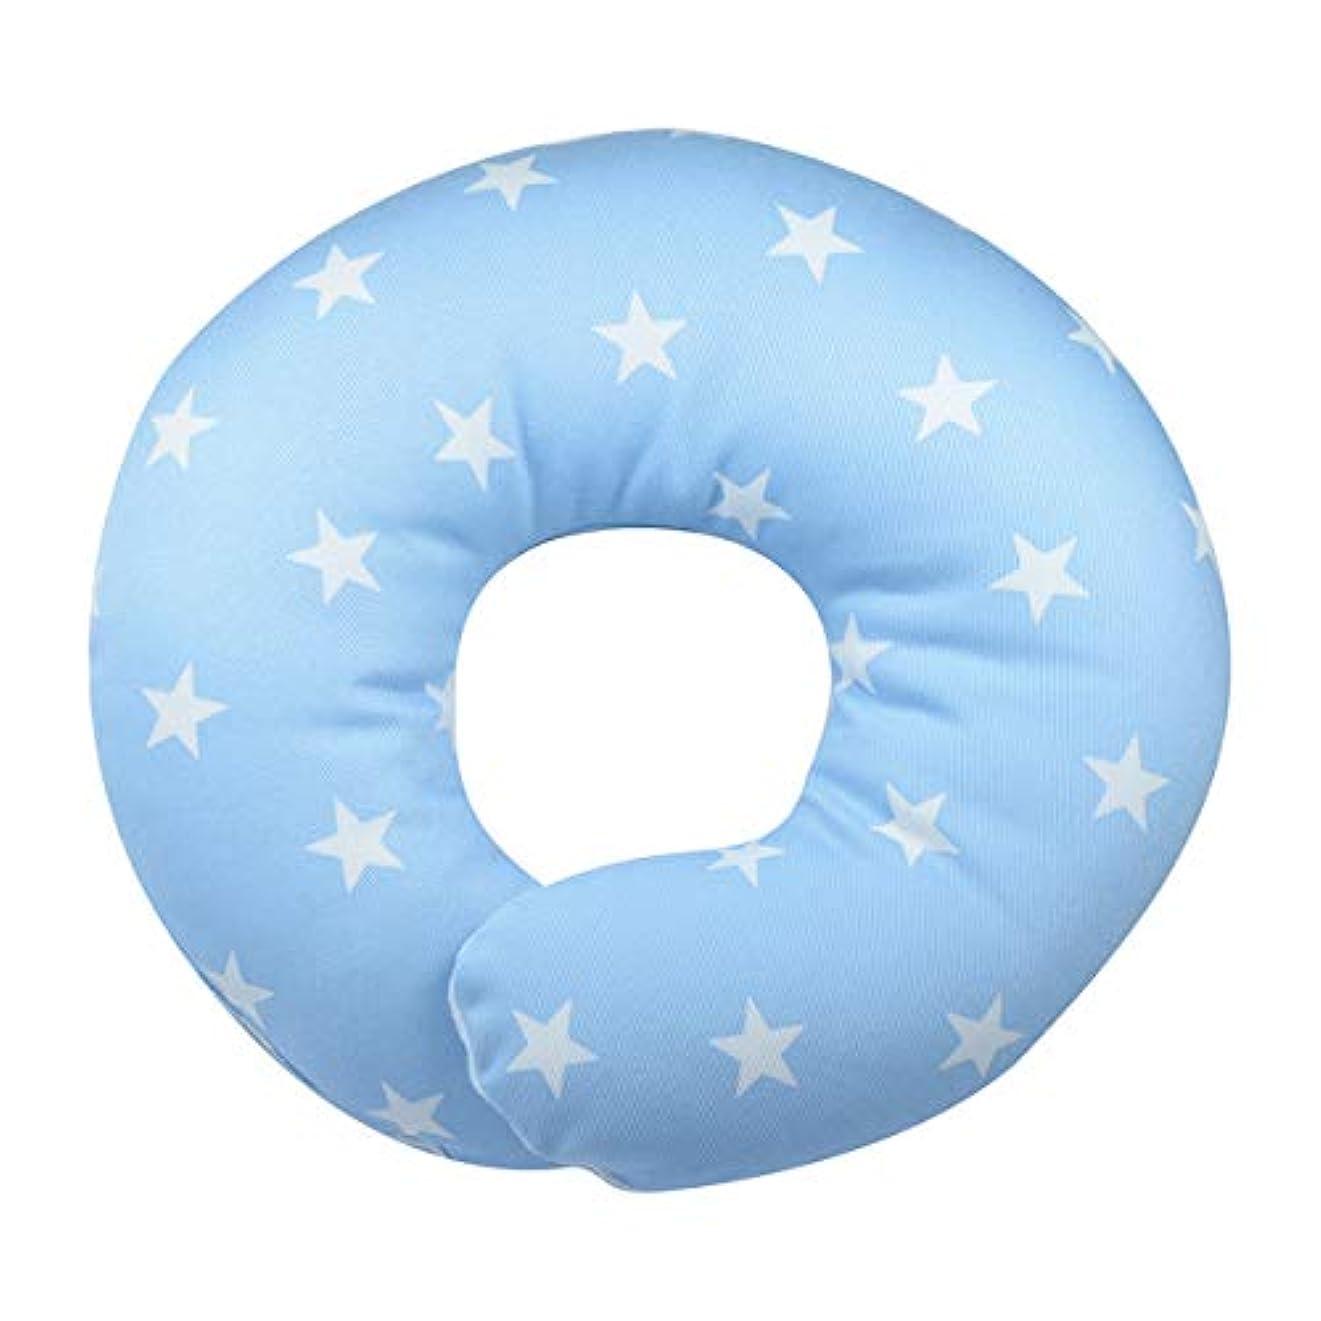 お金新着空白KEMAN ベビー枕 寝る枕 赤チャン枕 ベビーピロ 新生児用の枕 絶壁防止枕 (雲)